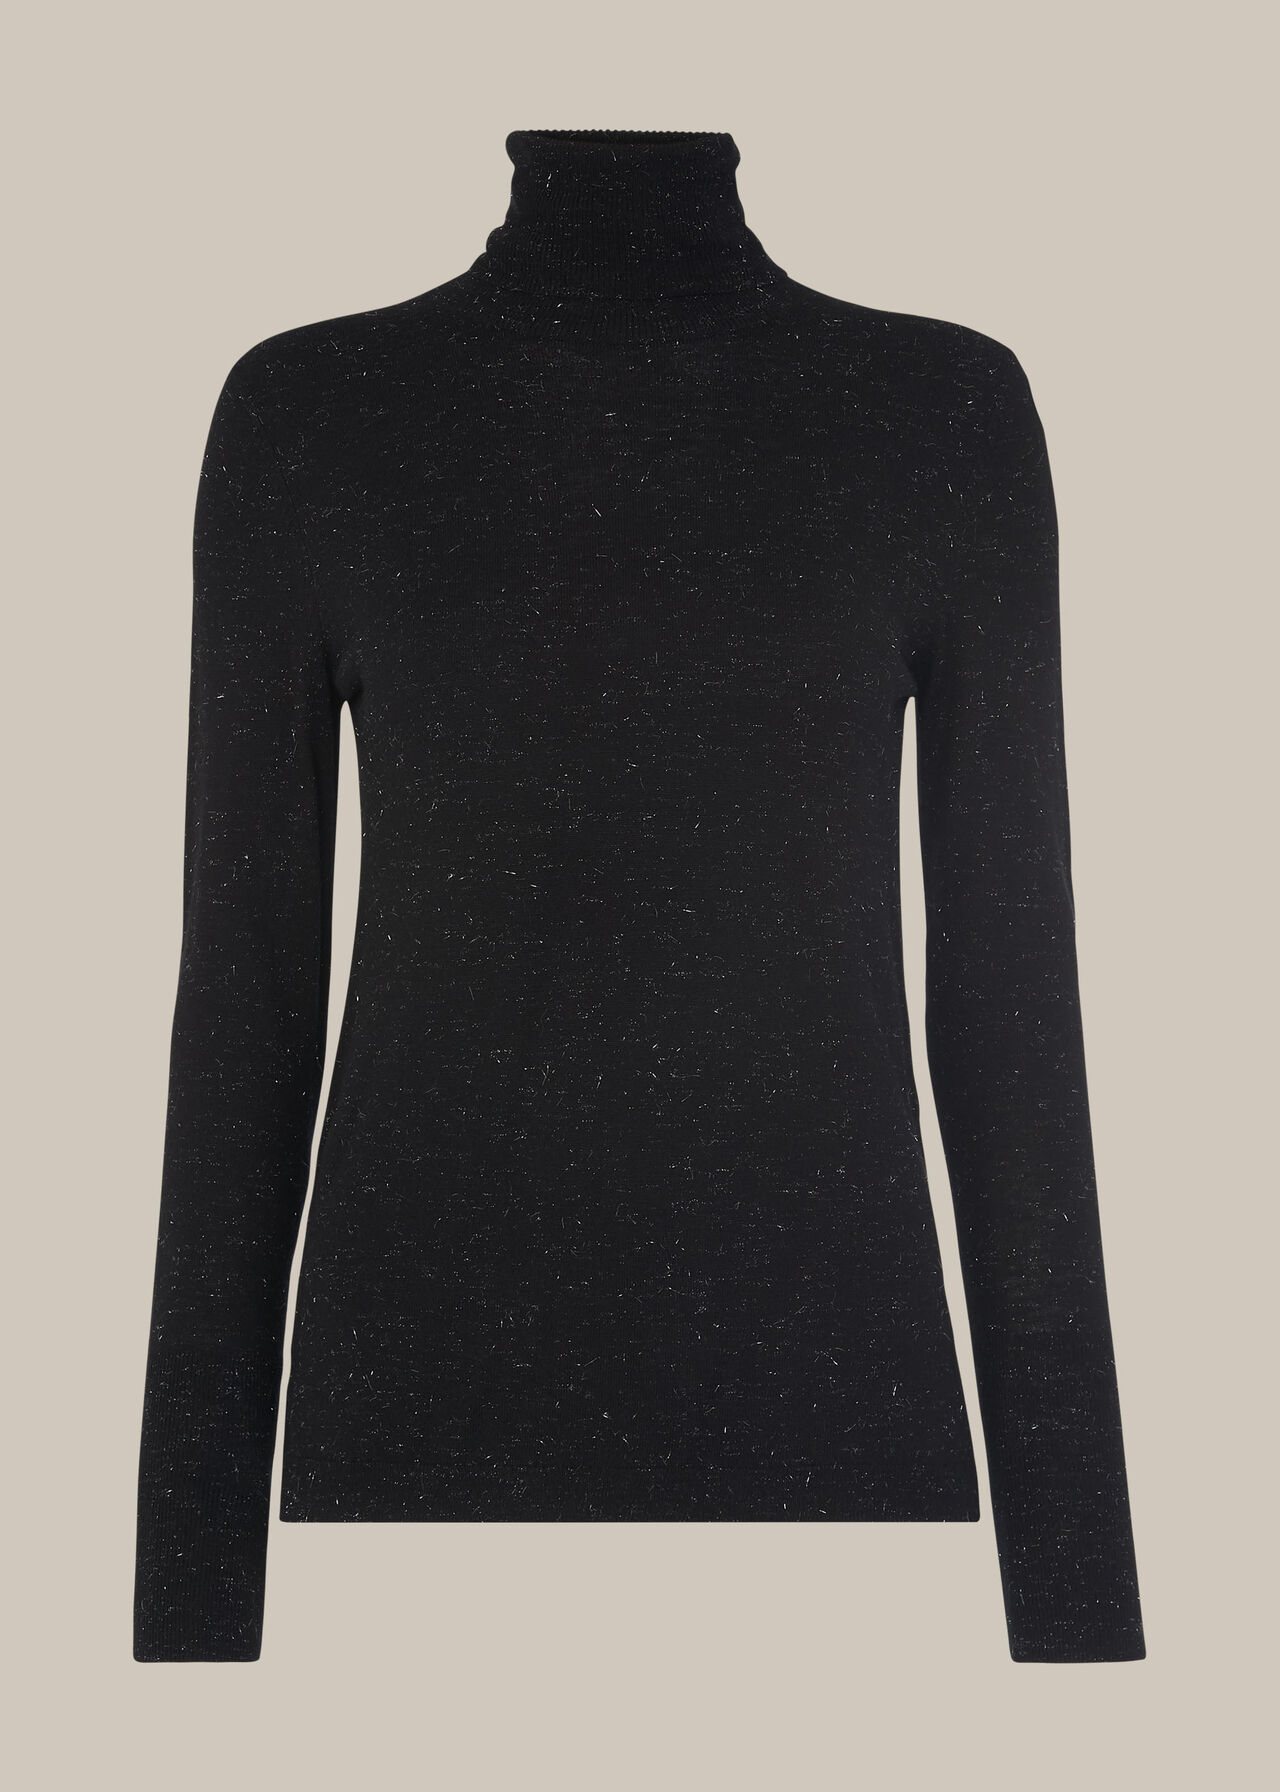 Annie Sparkle Polo Knit Black